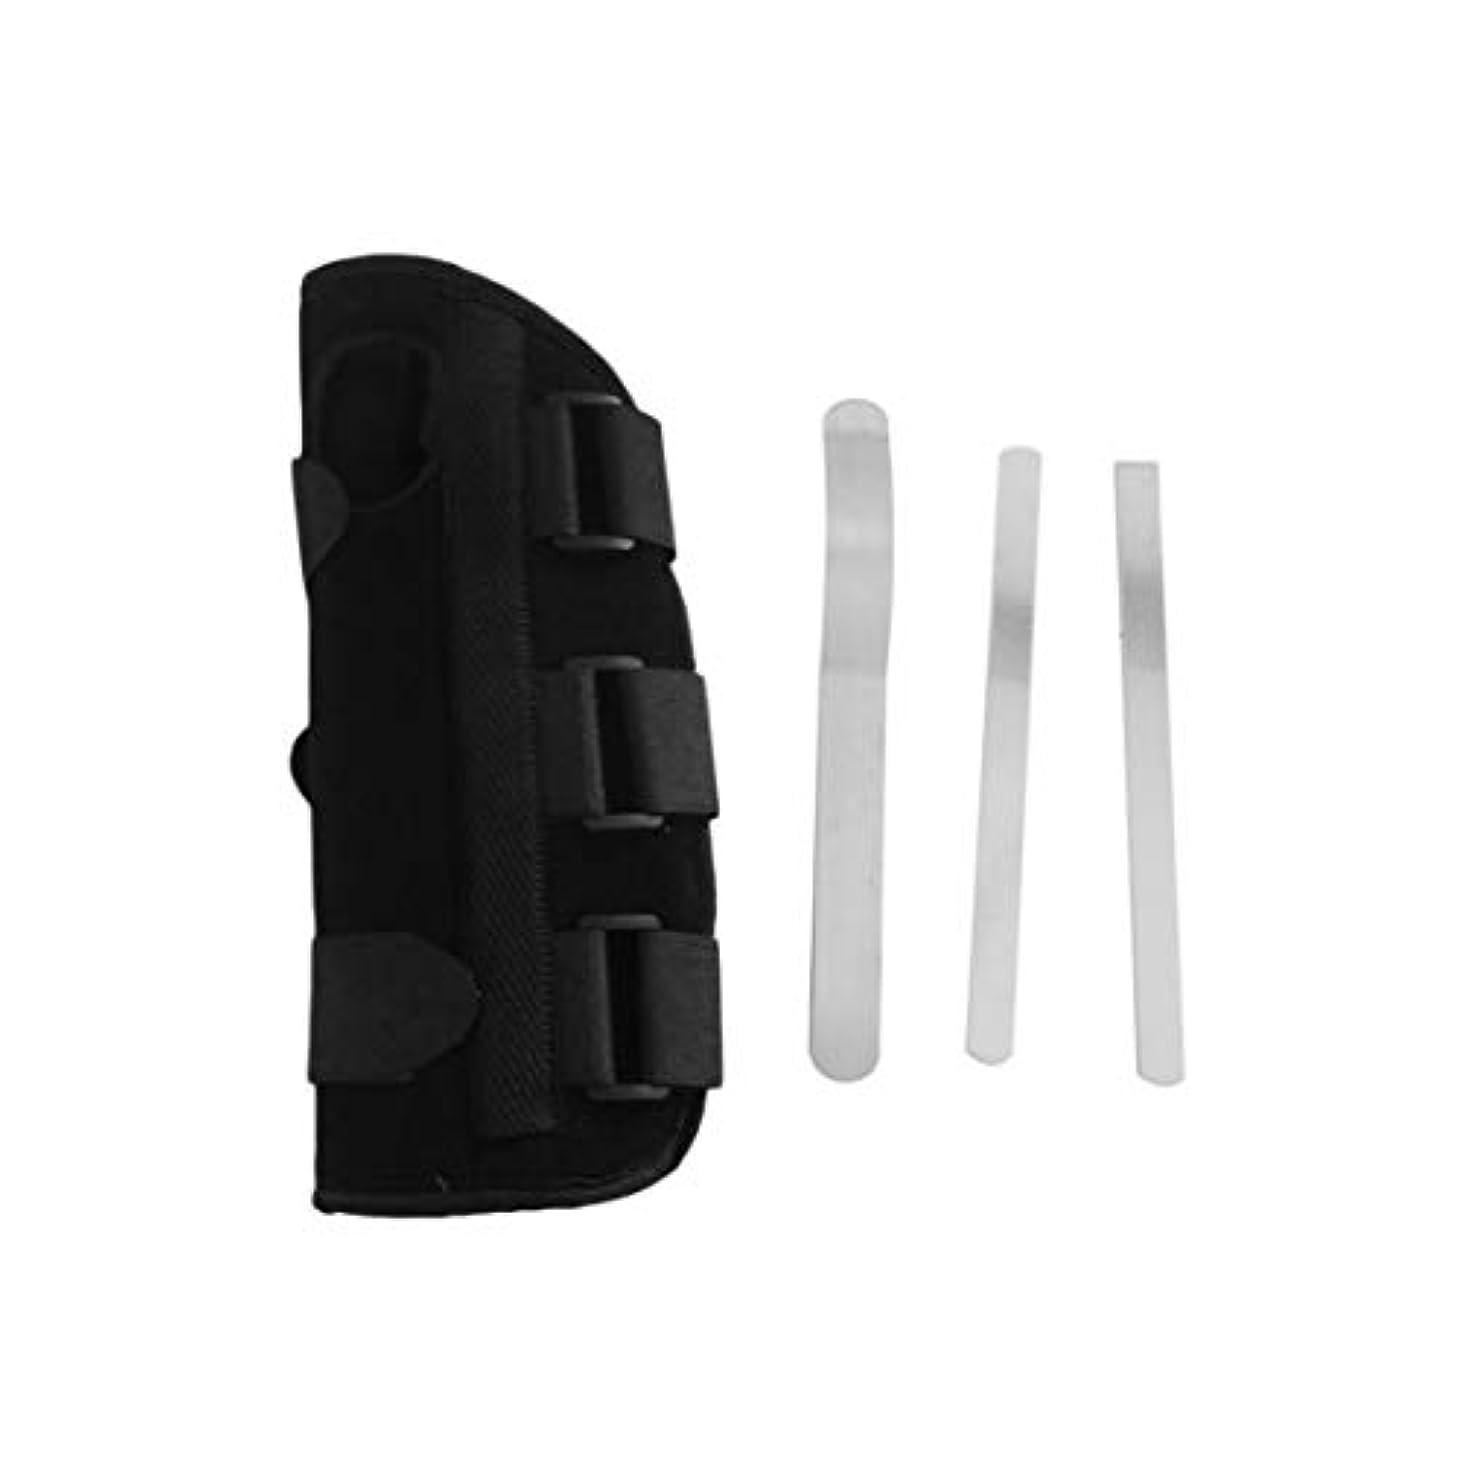 専門読書重さ手首副木ブレース保護サポートストラップカルペルトンネルCTS RSI痛み軽減リムーバブル副木快適な軽量ストラップ - ブラックM